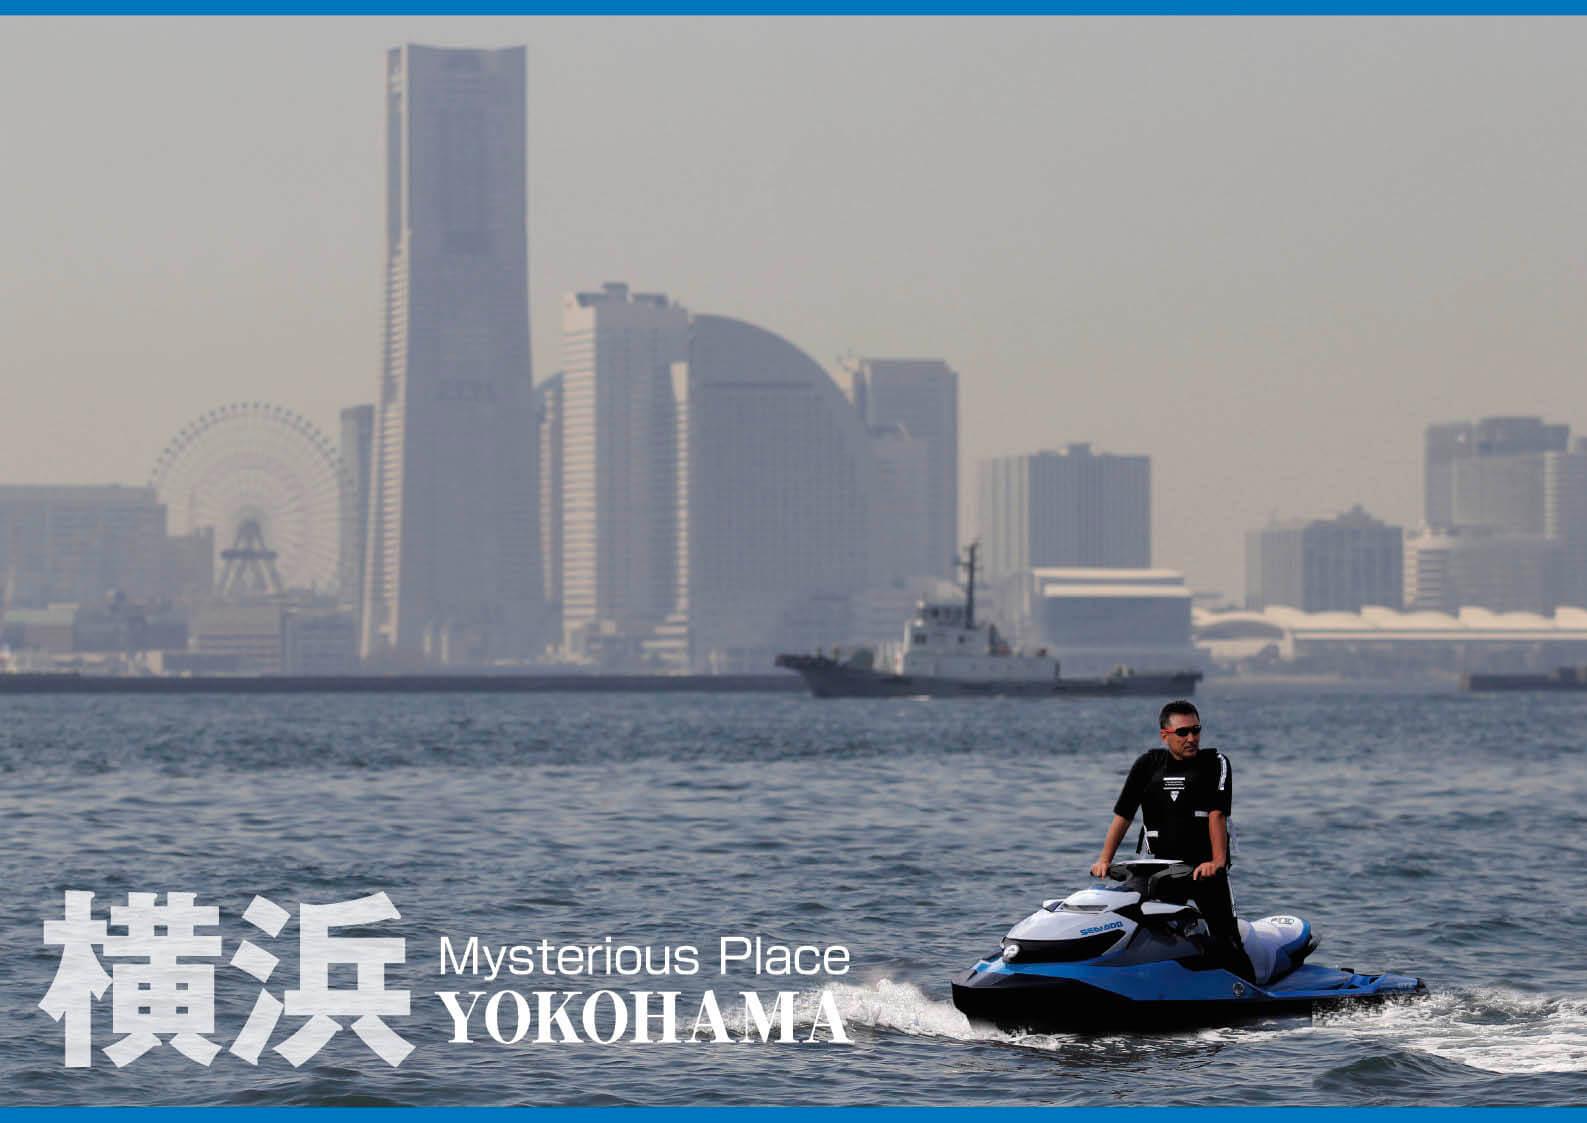 不思議な場所「横浜」―YOKOHAMA― ジェットスキーコラム(水上バイク)